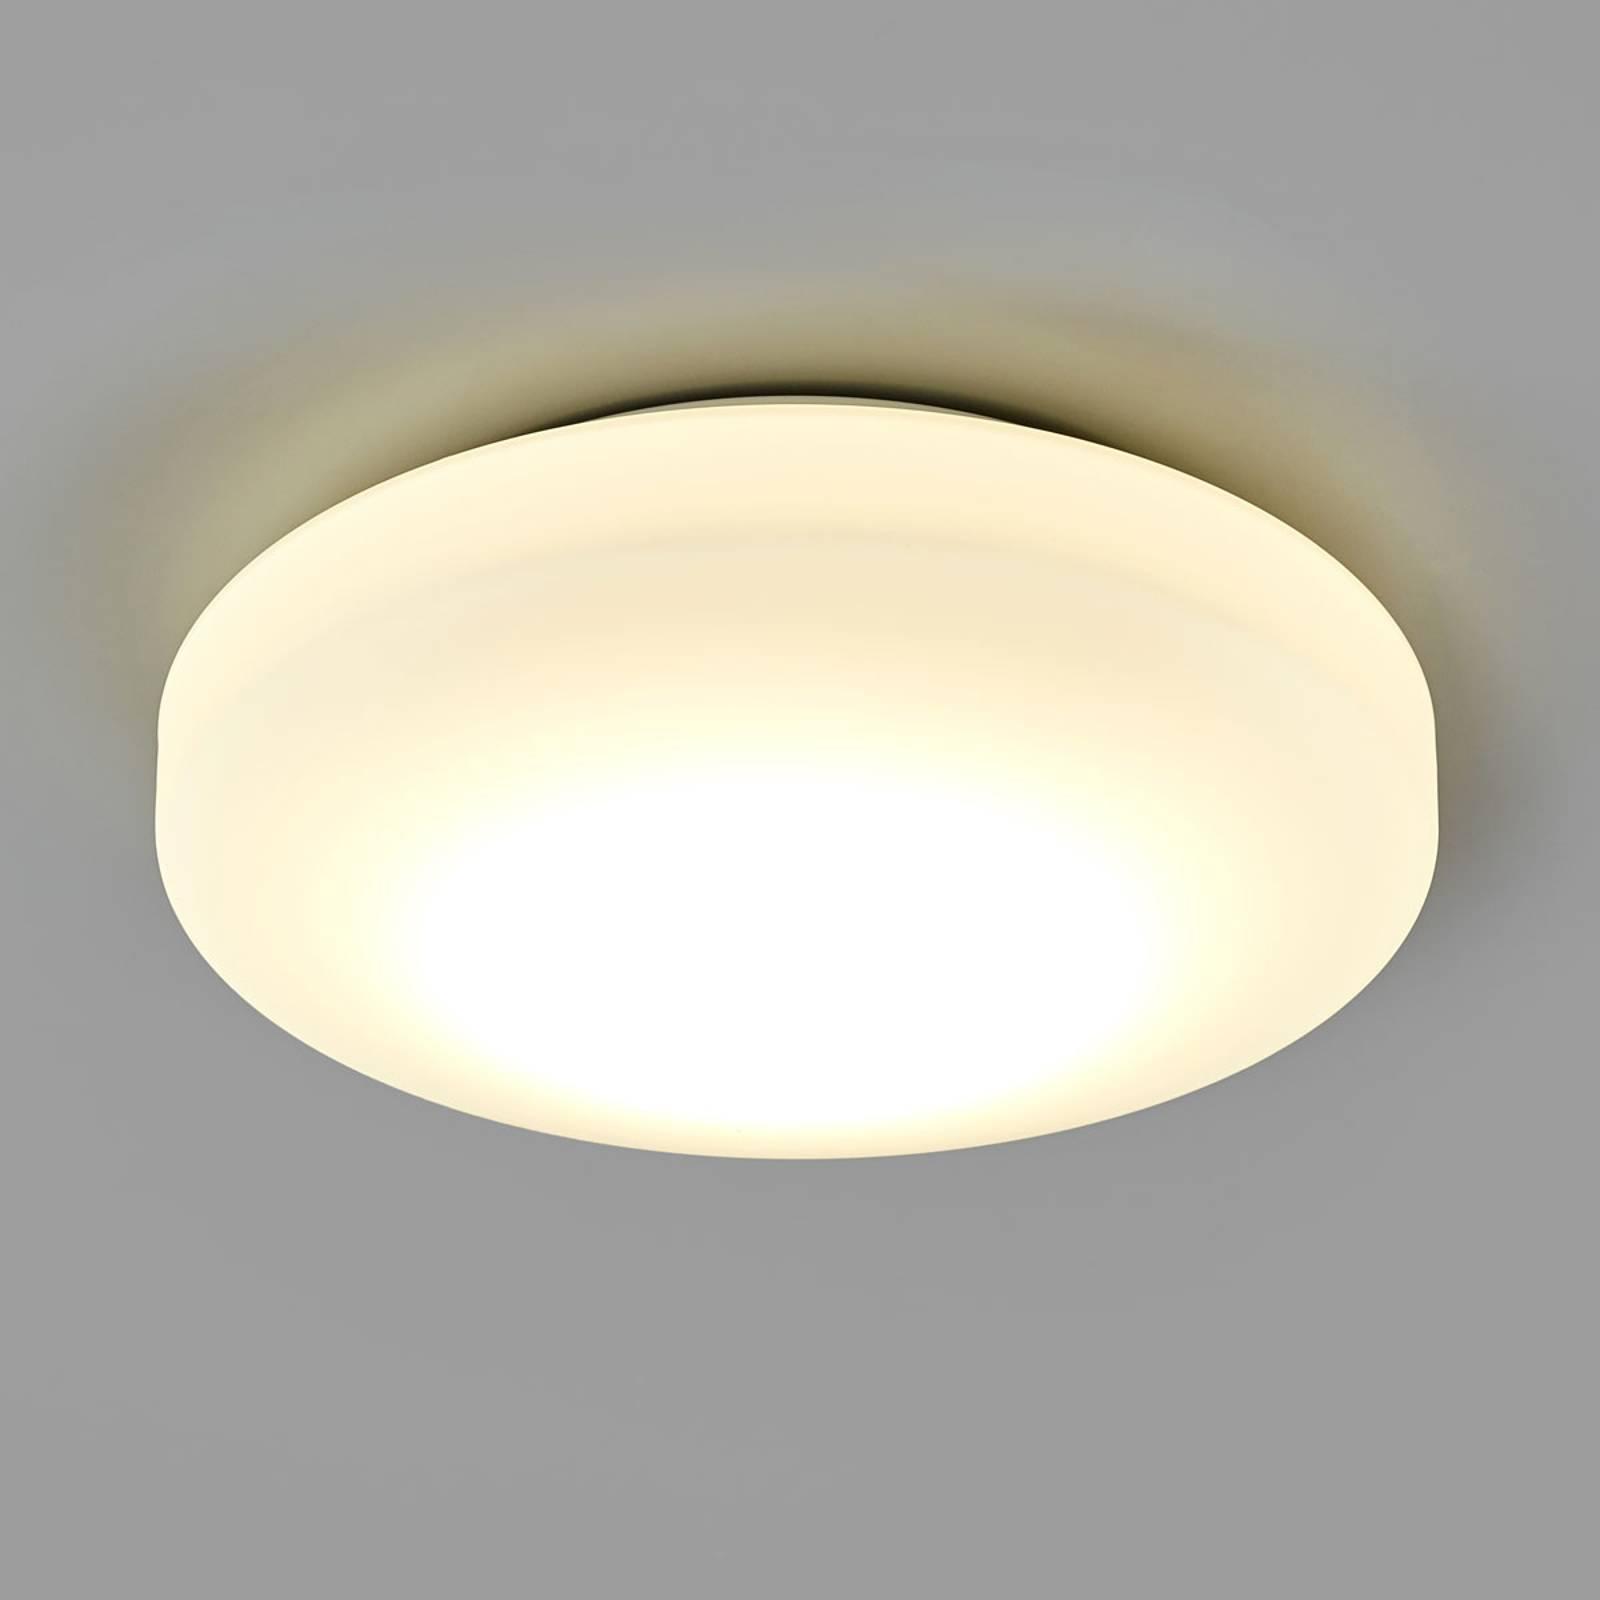 LED-Bad-Deckenleuchte Malte aus Opalglas